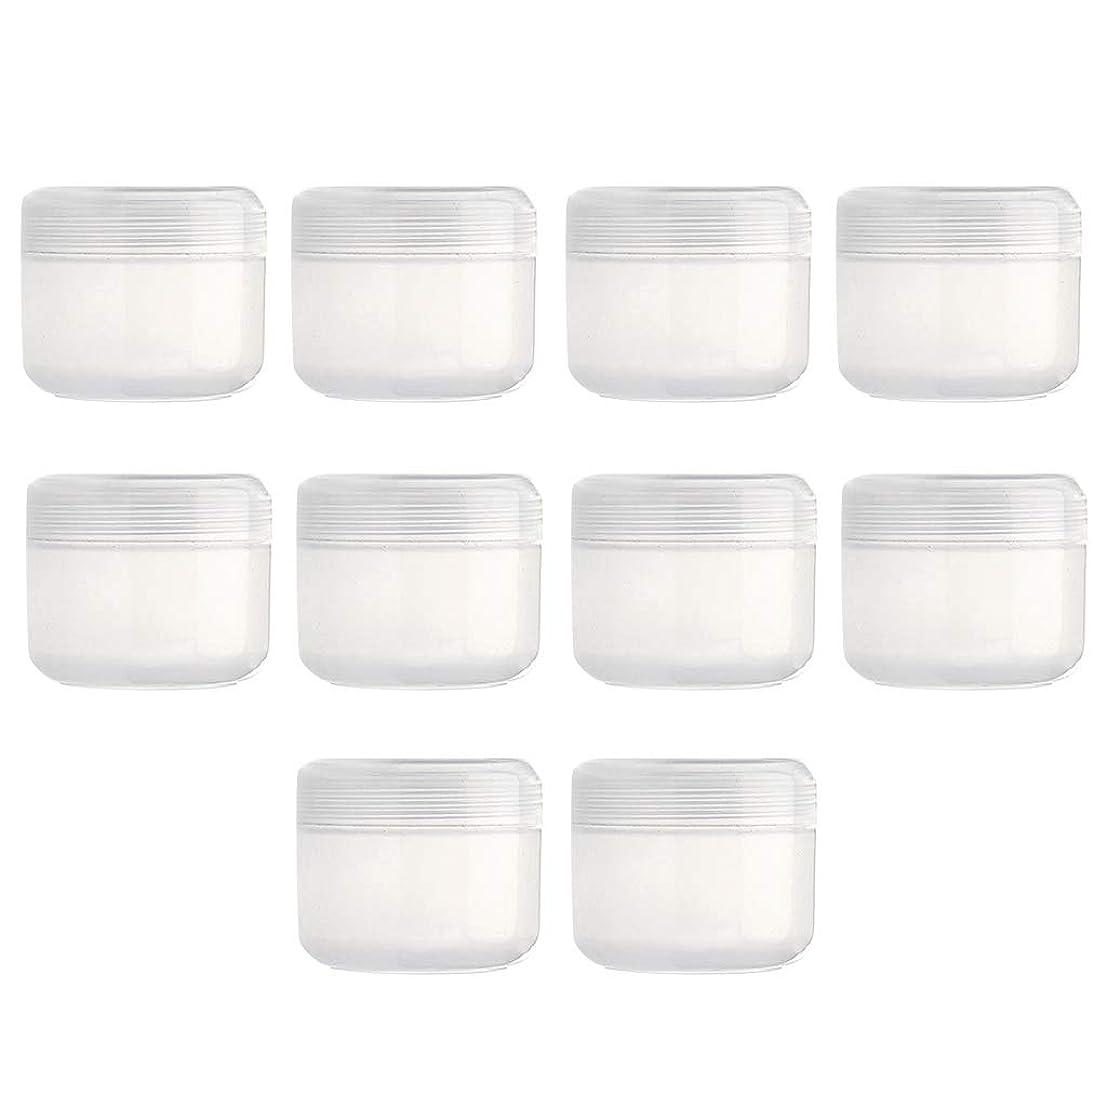 方程式色出発するDYNWAVE 10個入り 空のボトル 旅行用 空のクリーム容器 詰替え容器 クリームボトル 化粧品容器 全15色 - クリア50g